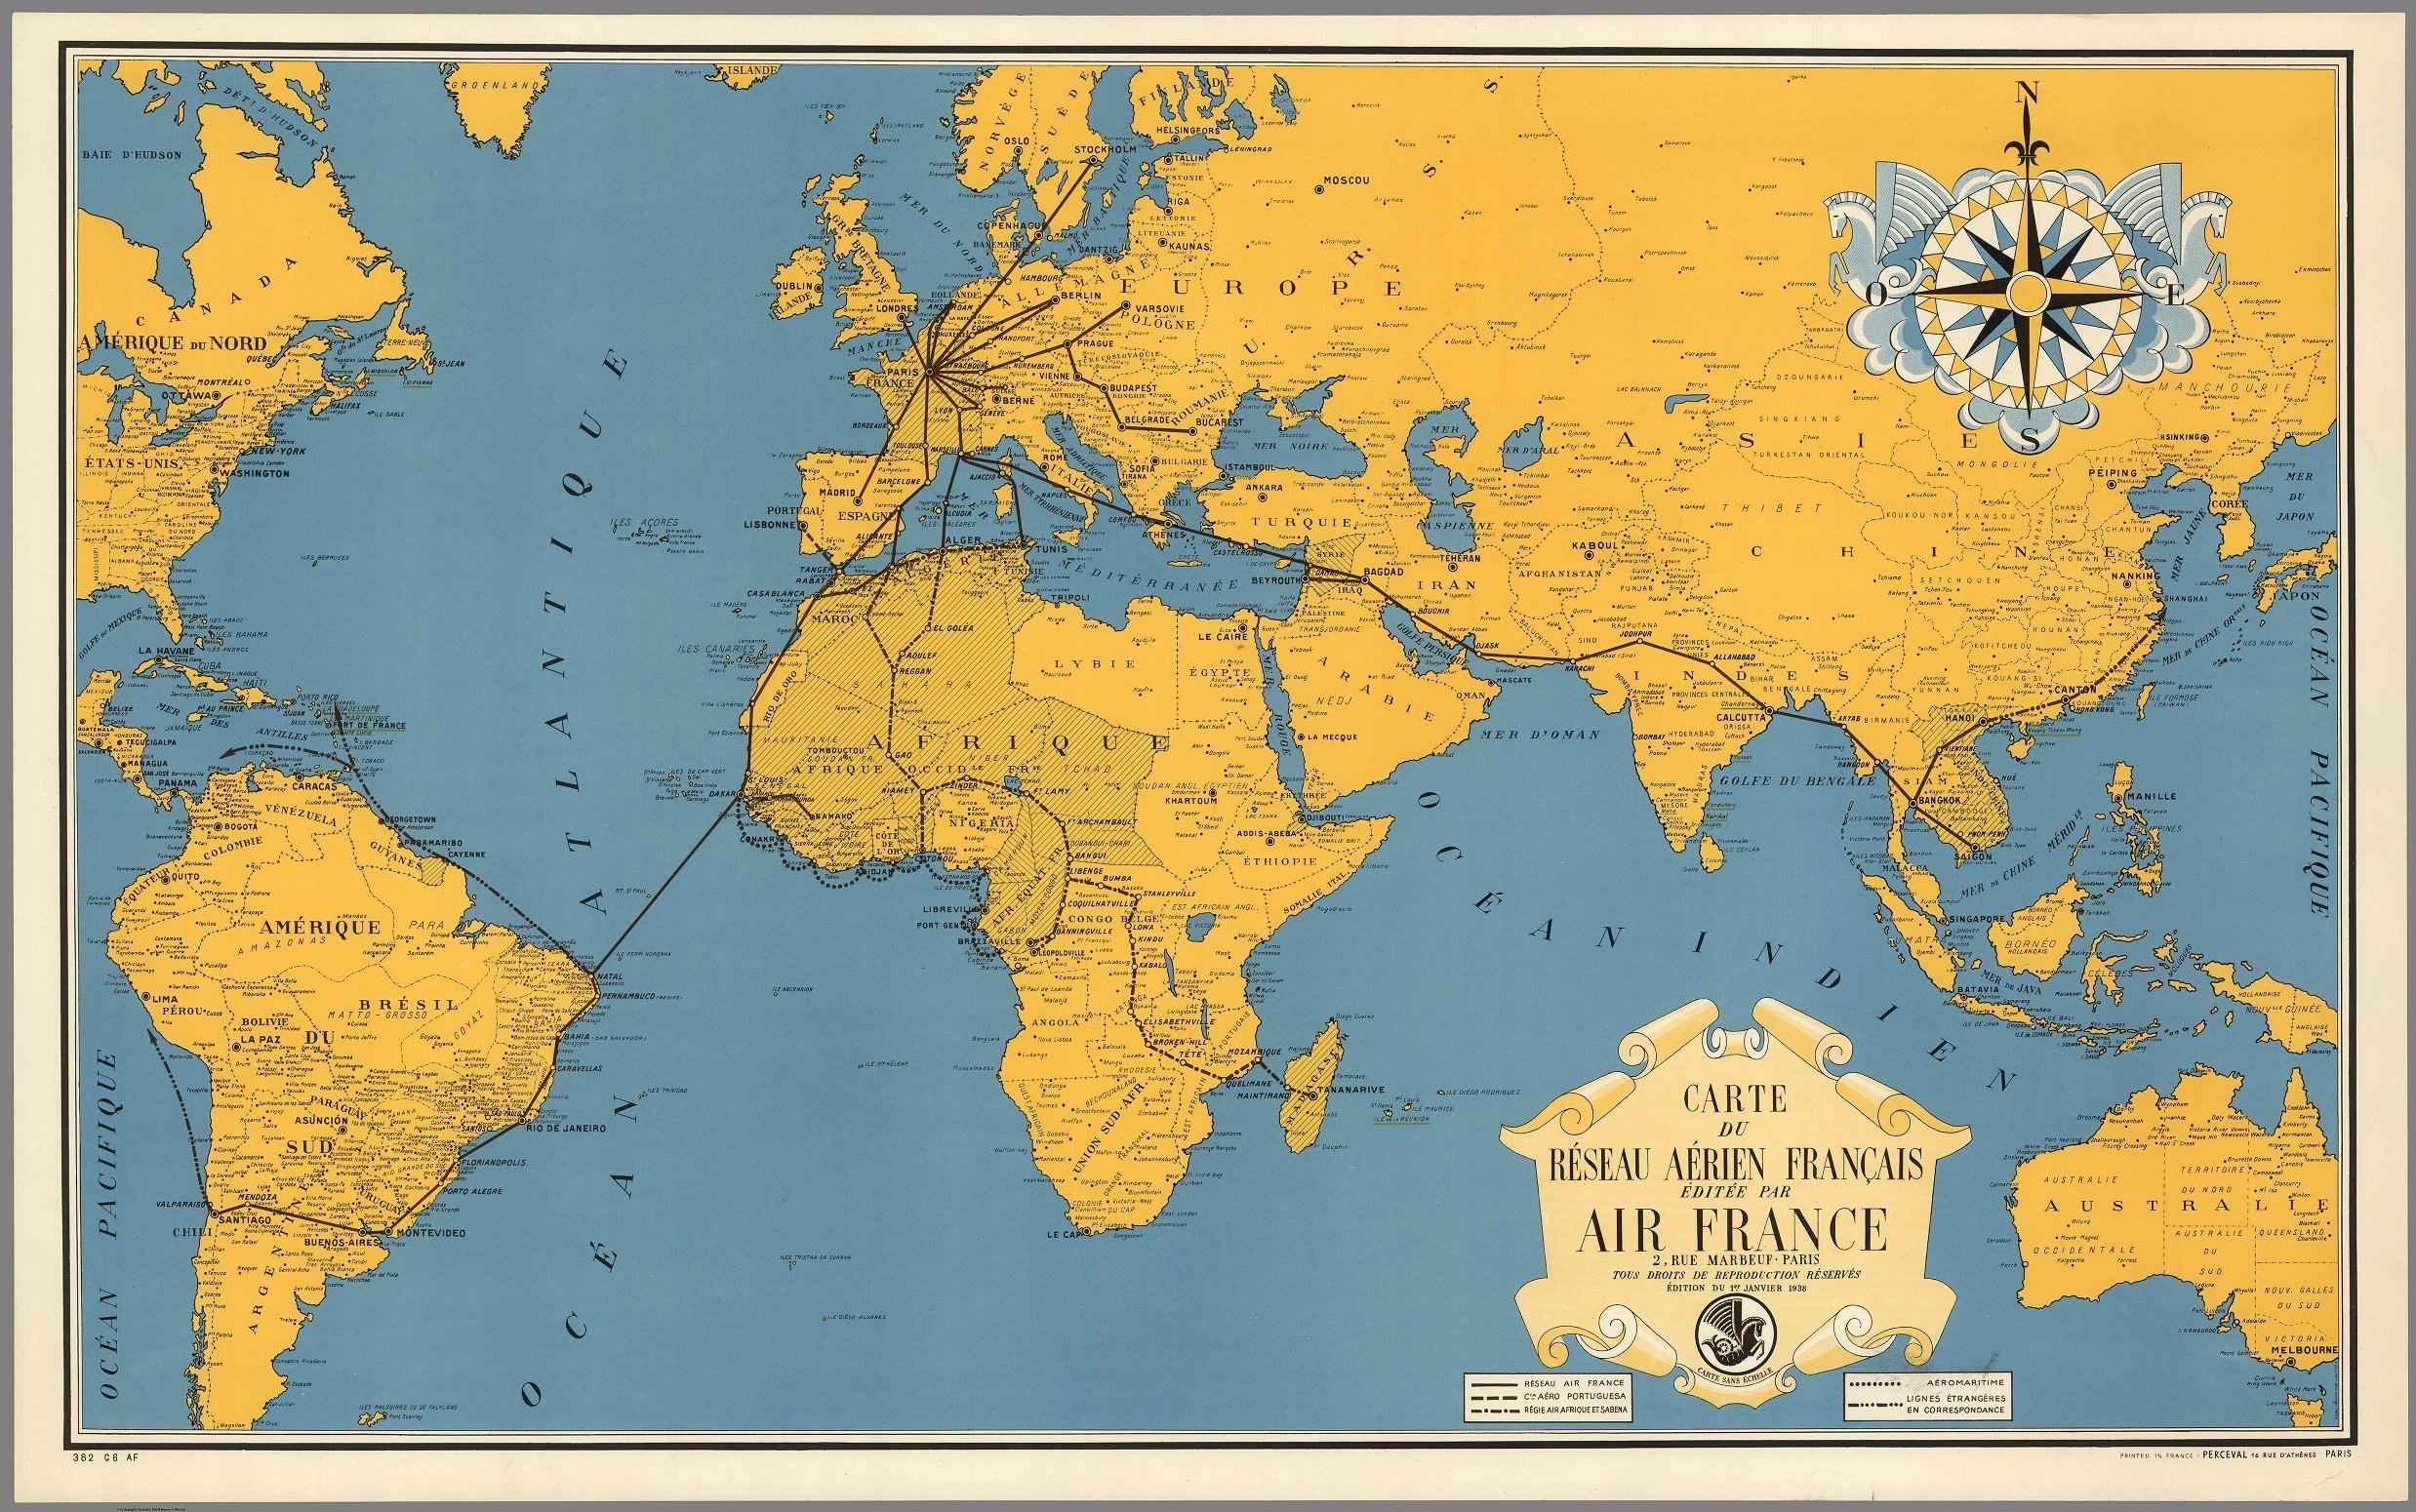 Printable World Maps Printable Free Printable Black And White World - Free Printable World Map